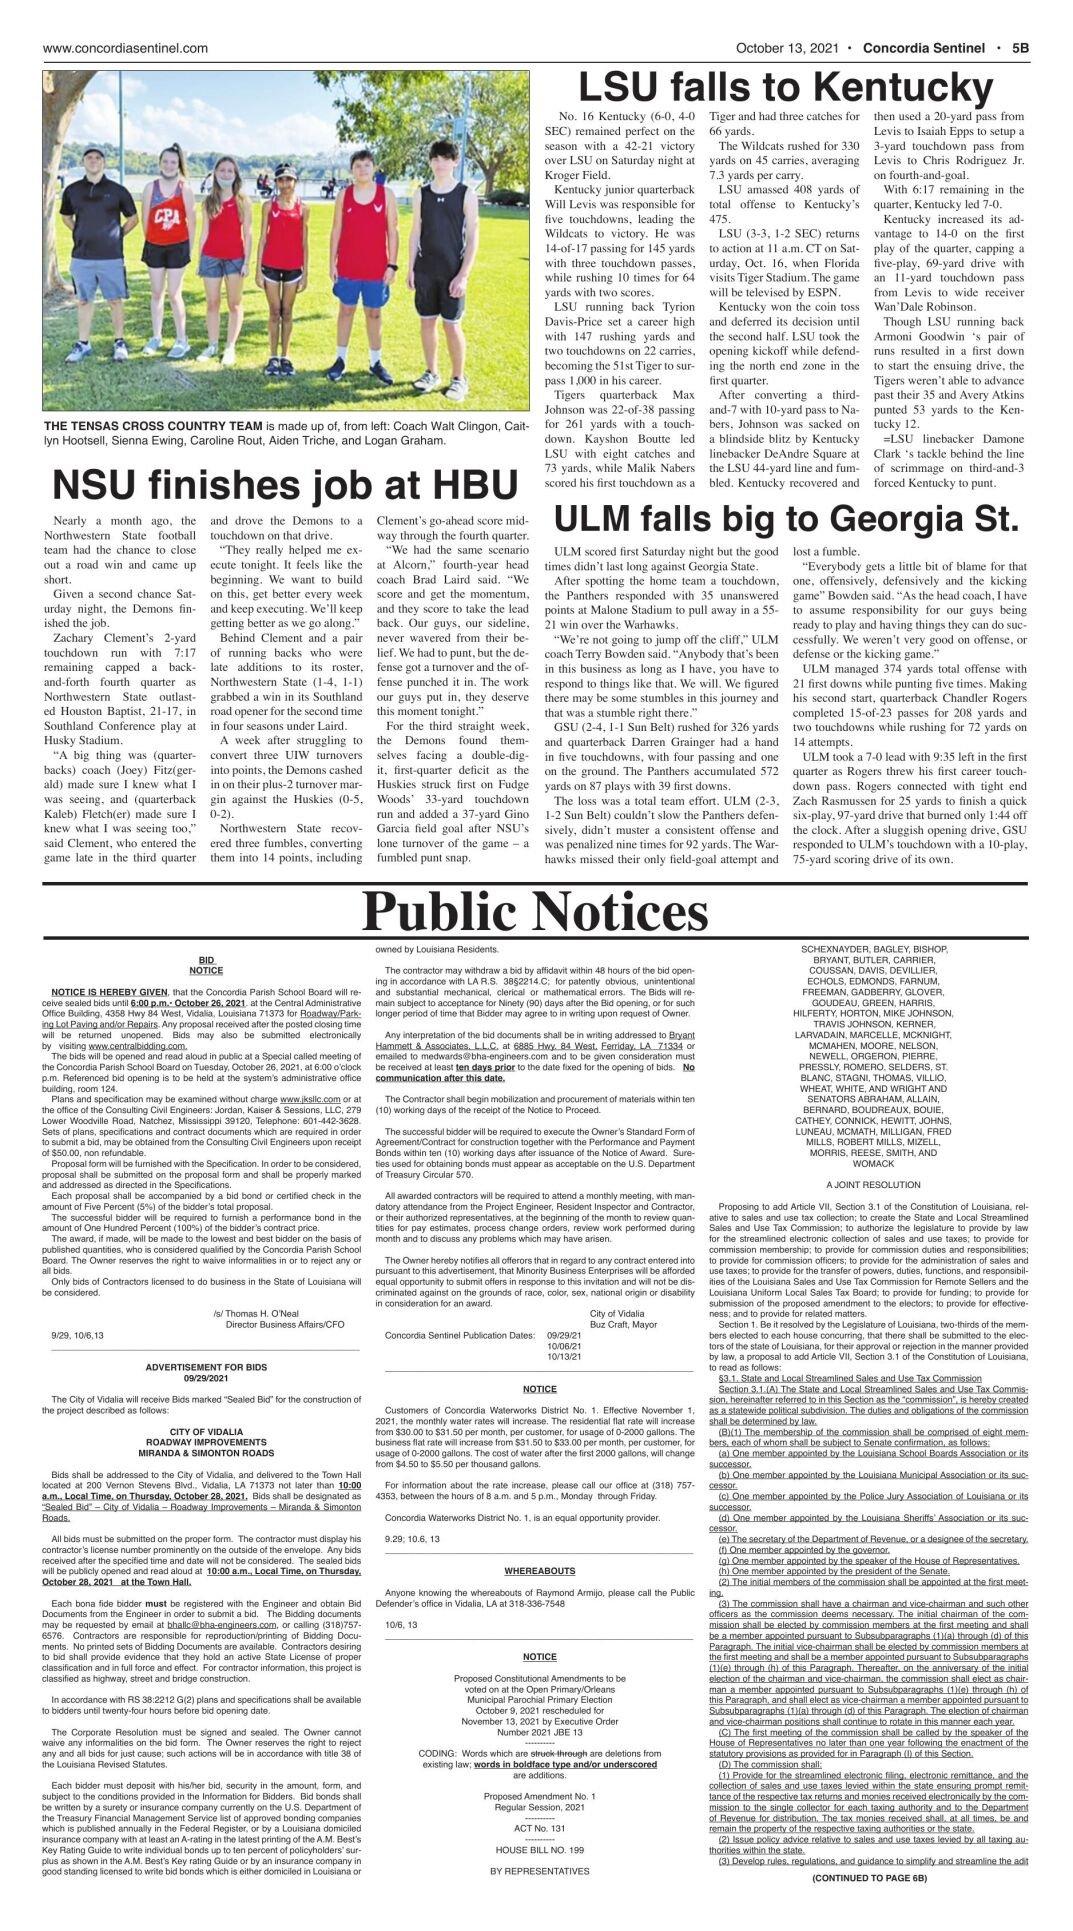 Public Notices - October 13, 2021